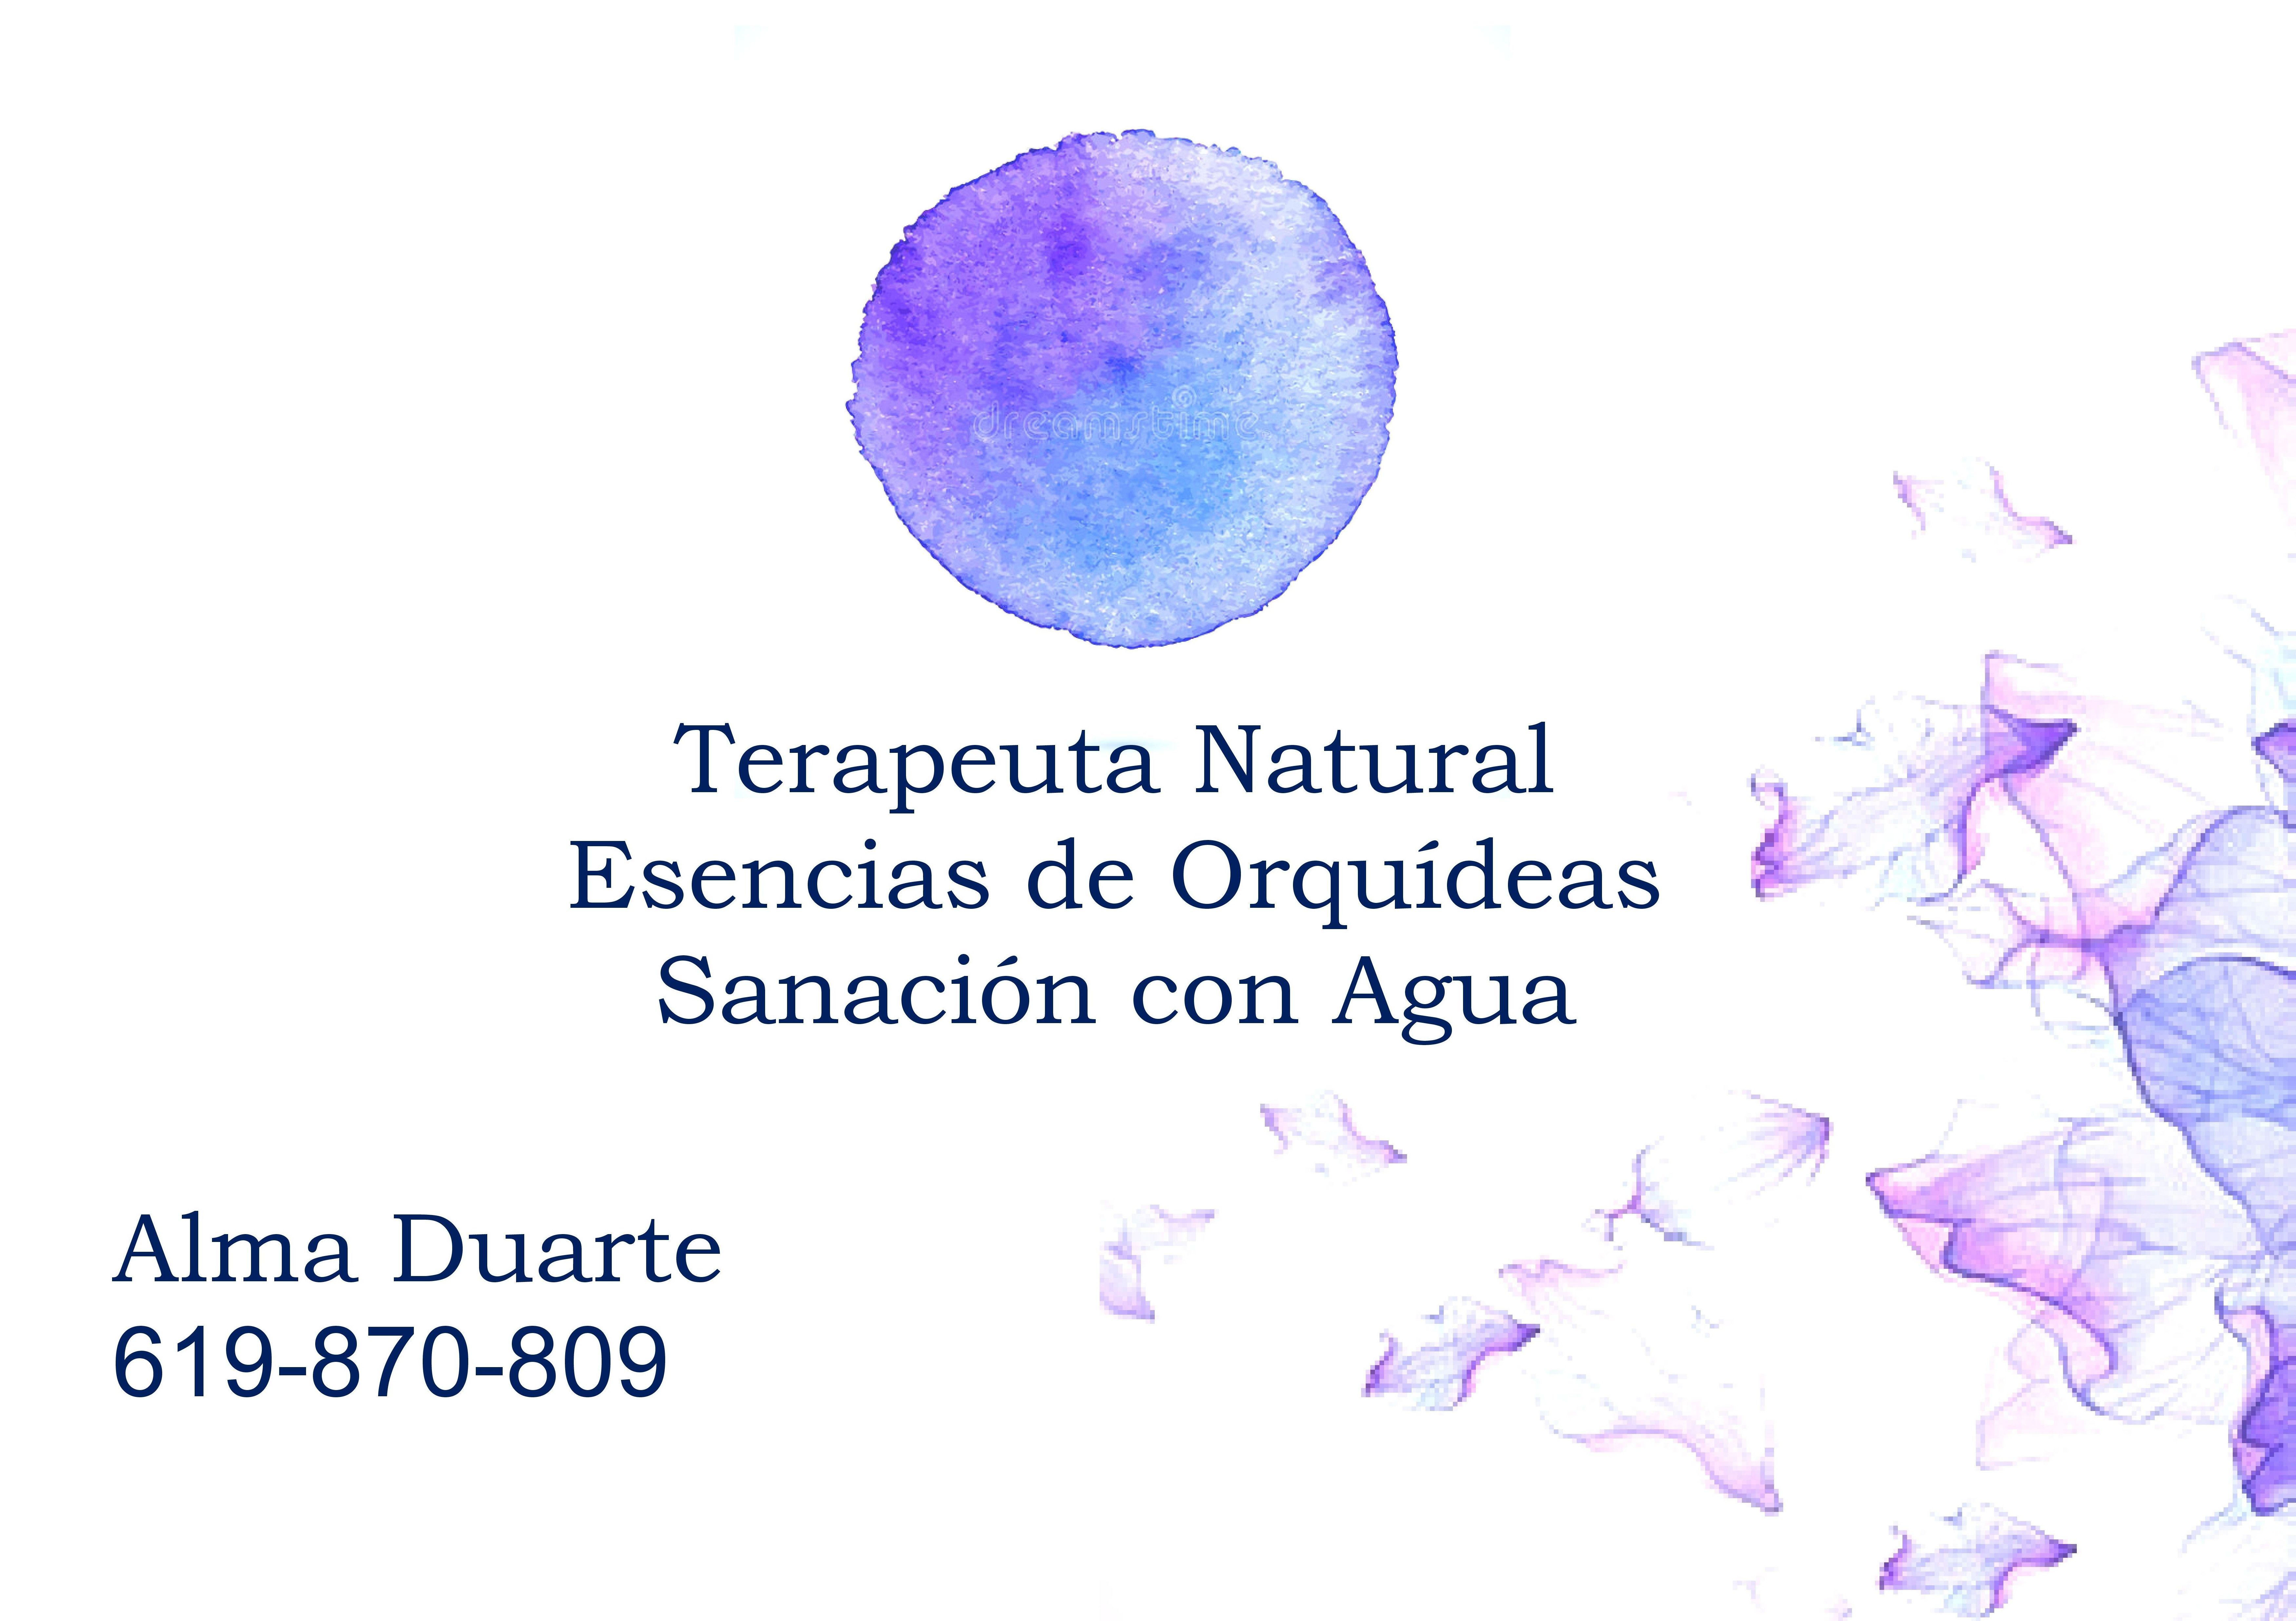 Terapeuta Natural